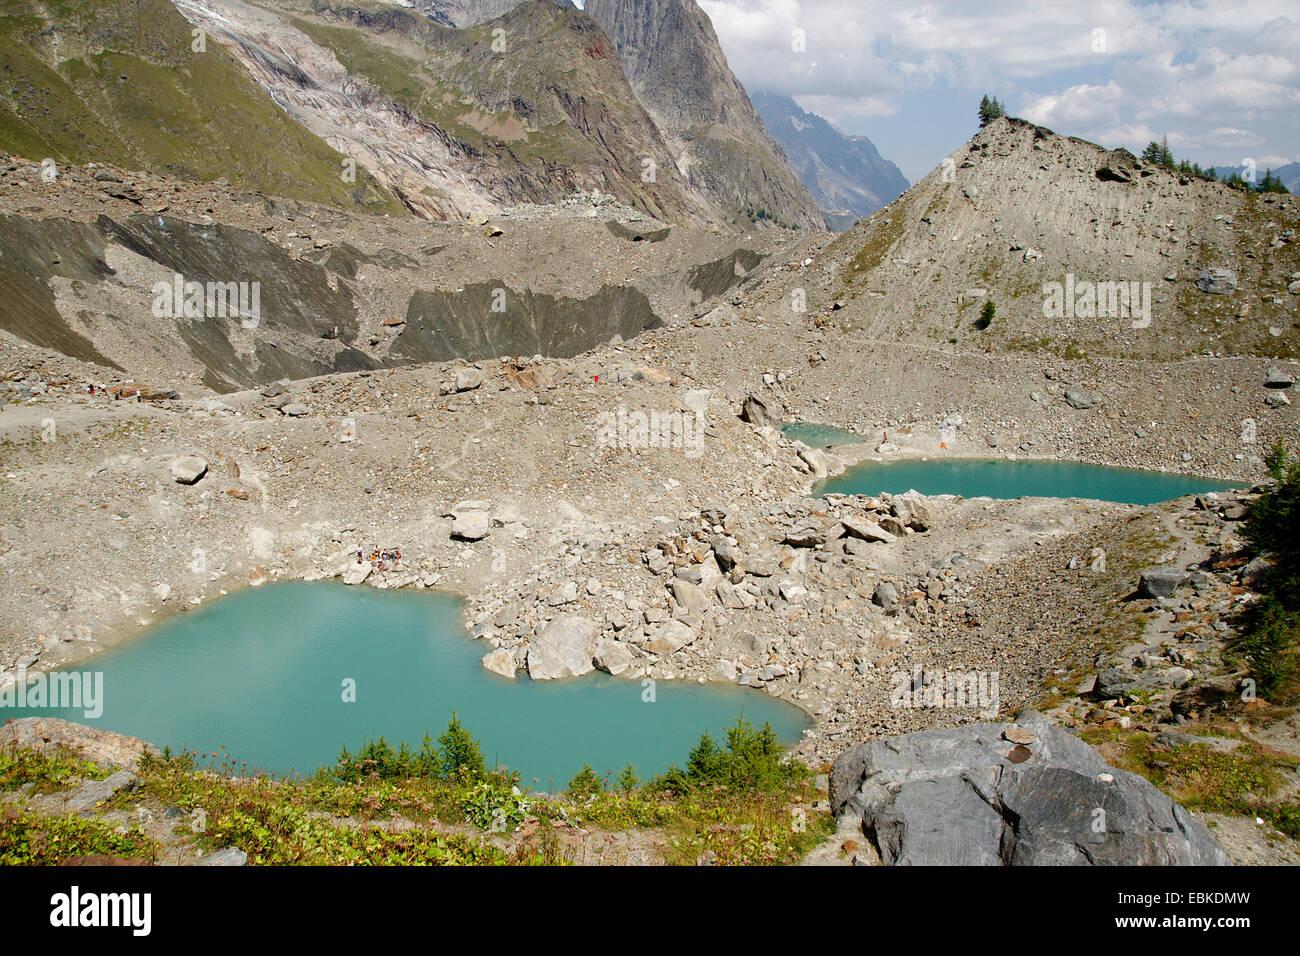 Lac du Miage, Moraine Glacier du Miage in Val Veny, Italy - Stock Image